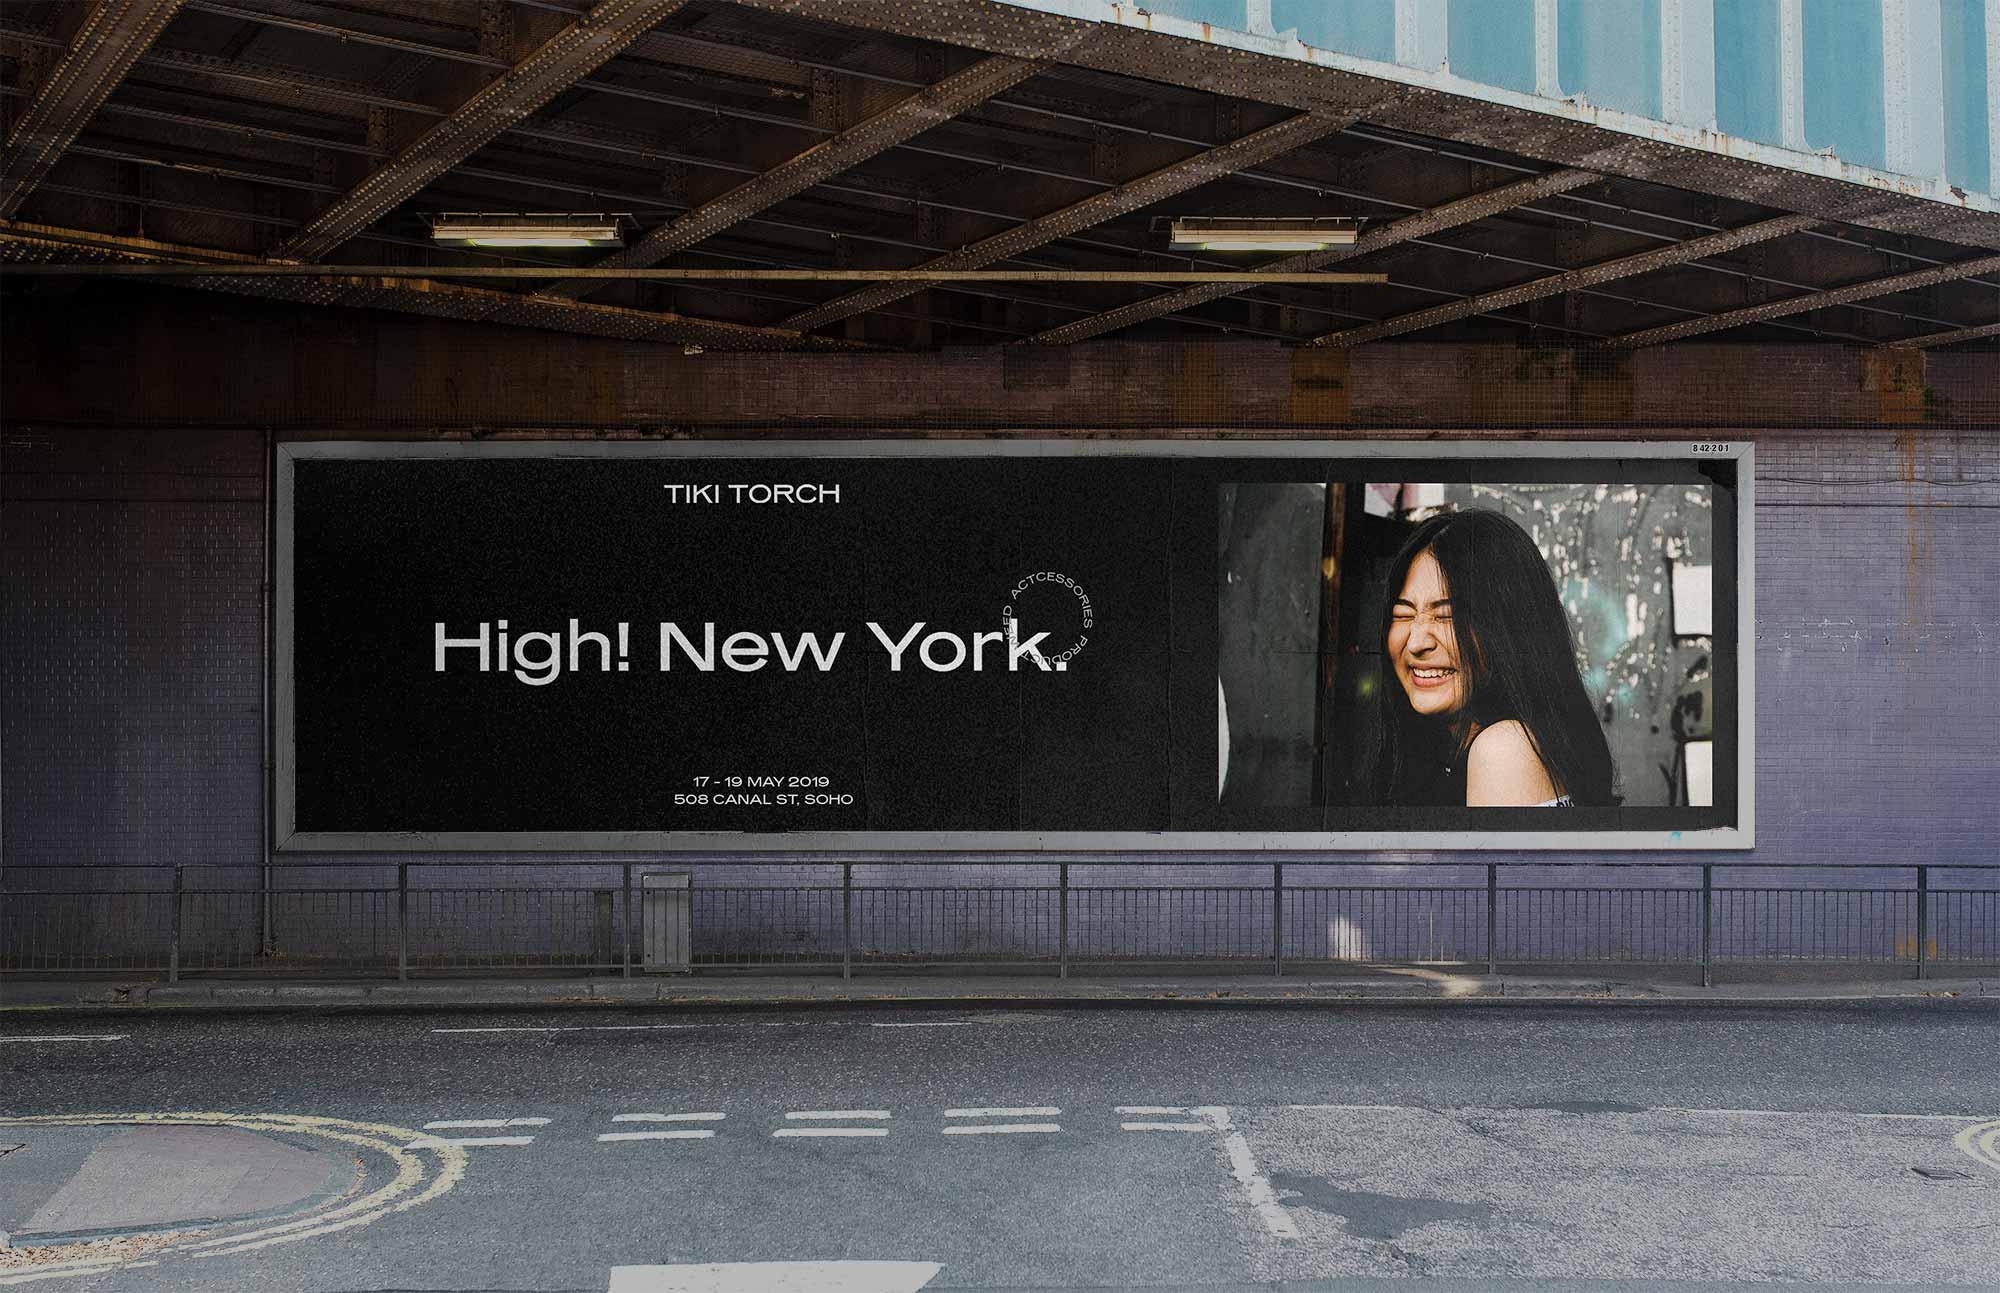 191204-tikitorch-billboard-poster